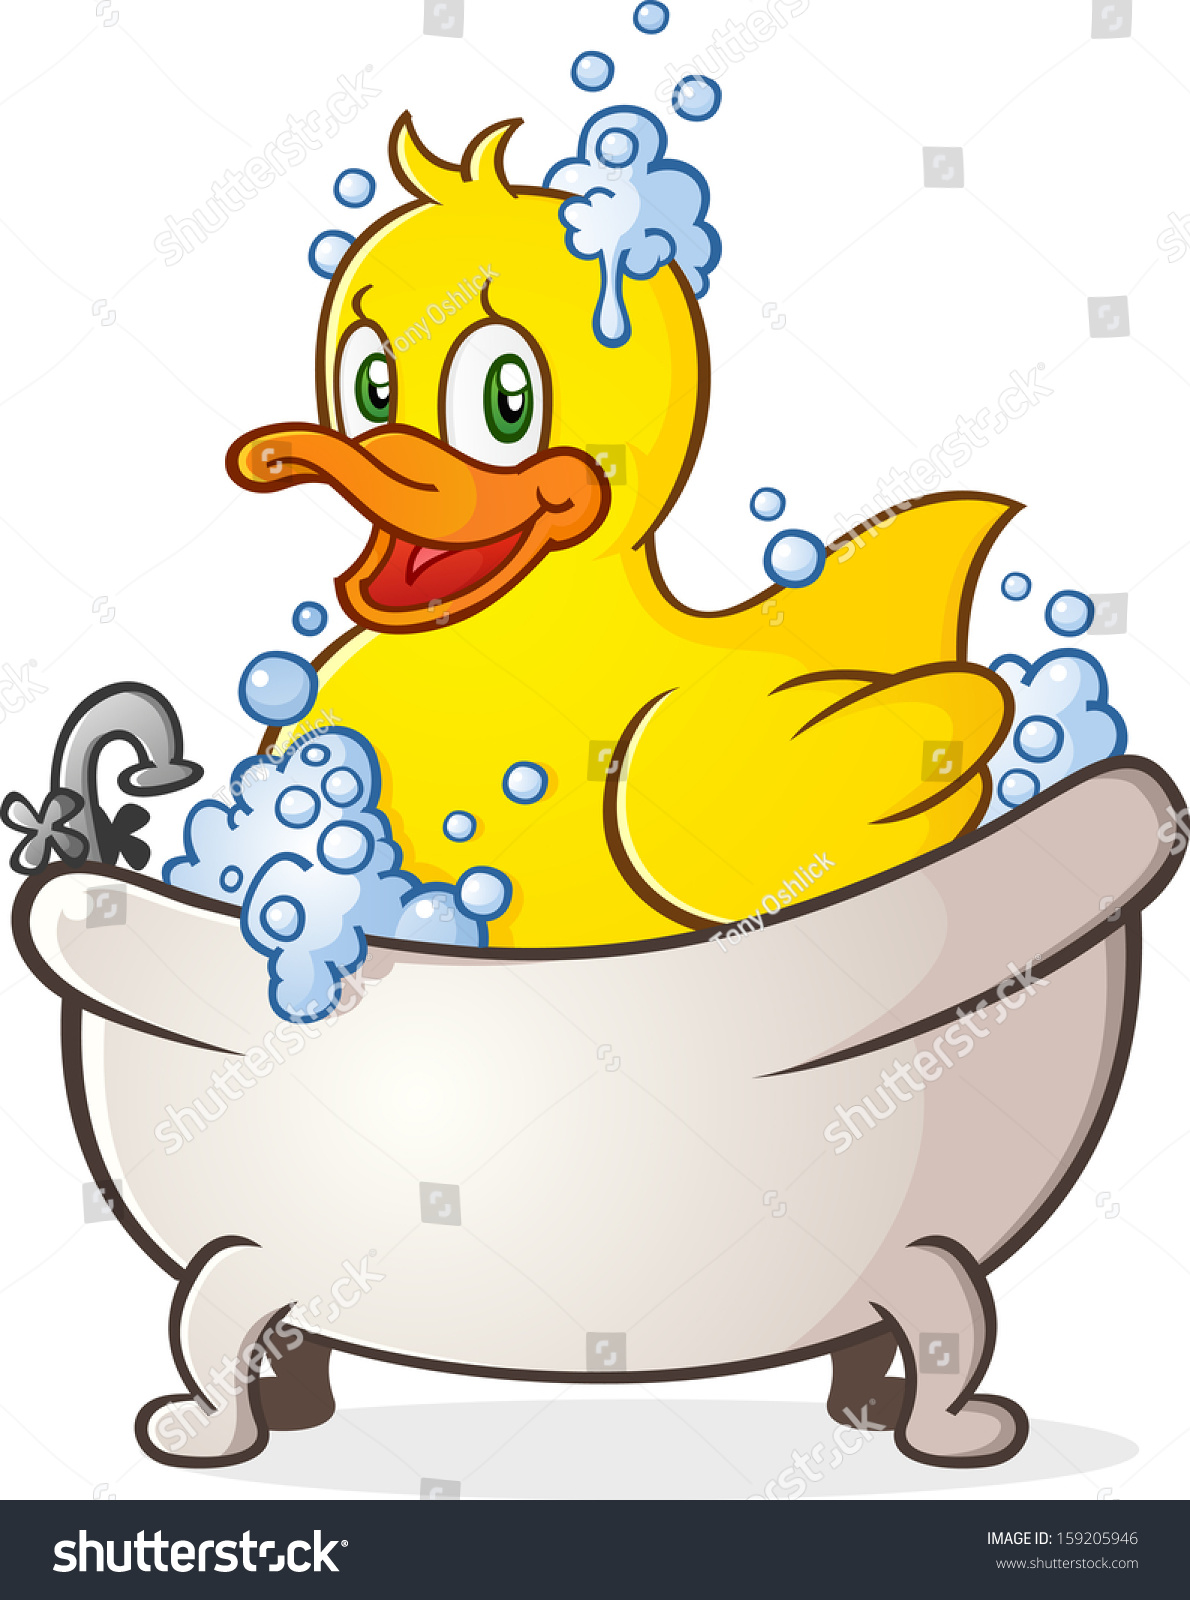 橡皮鸭泡泡浴卡通人物-动物/野生生物,物体-海洛创意